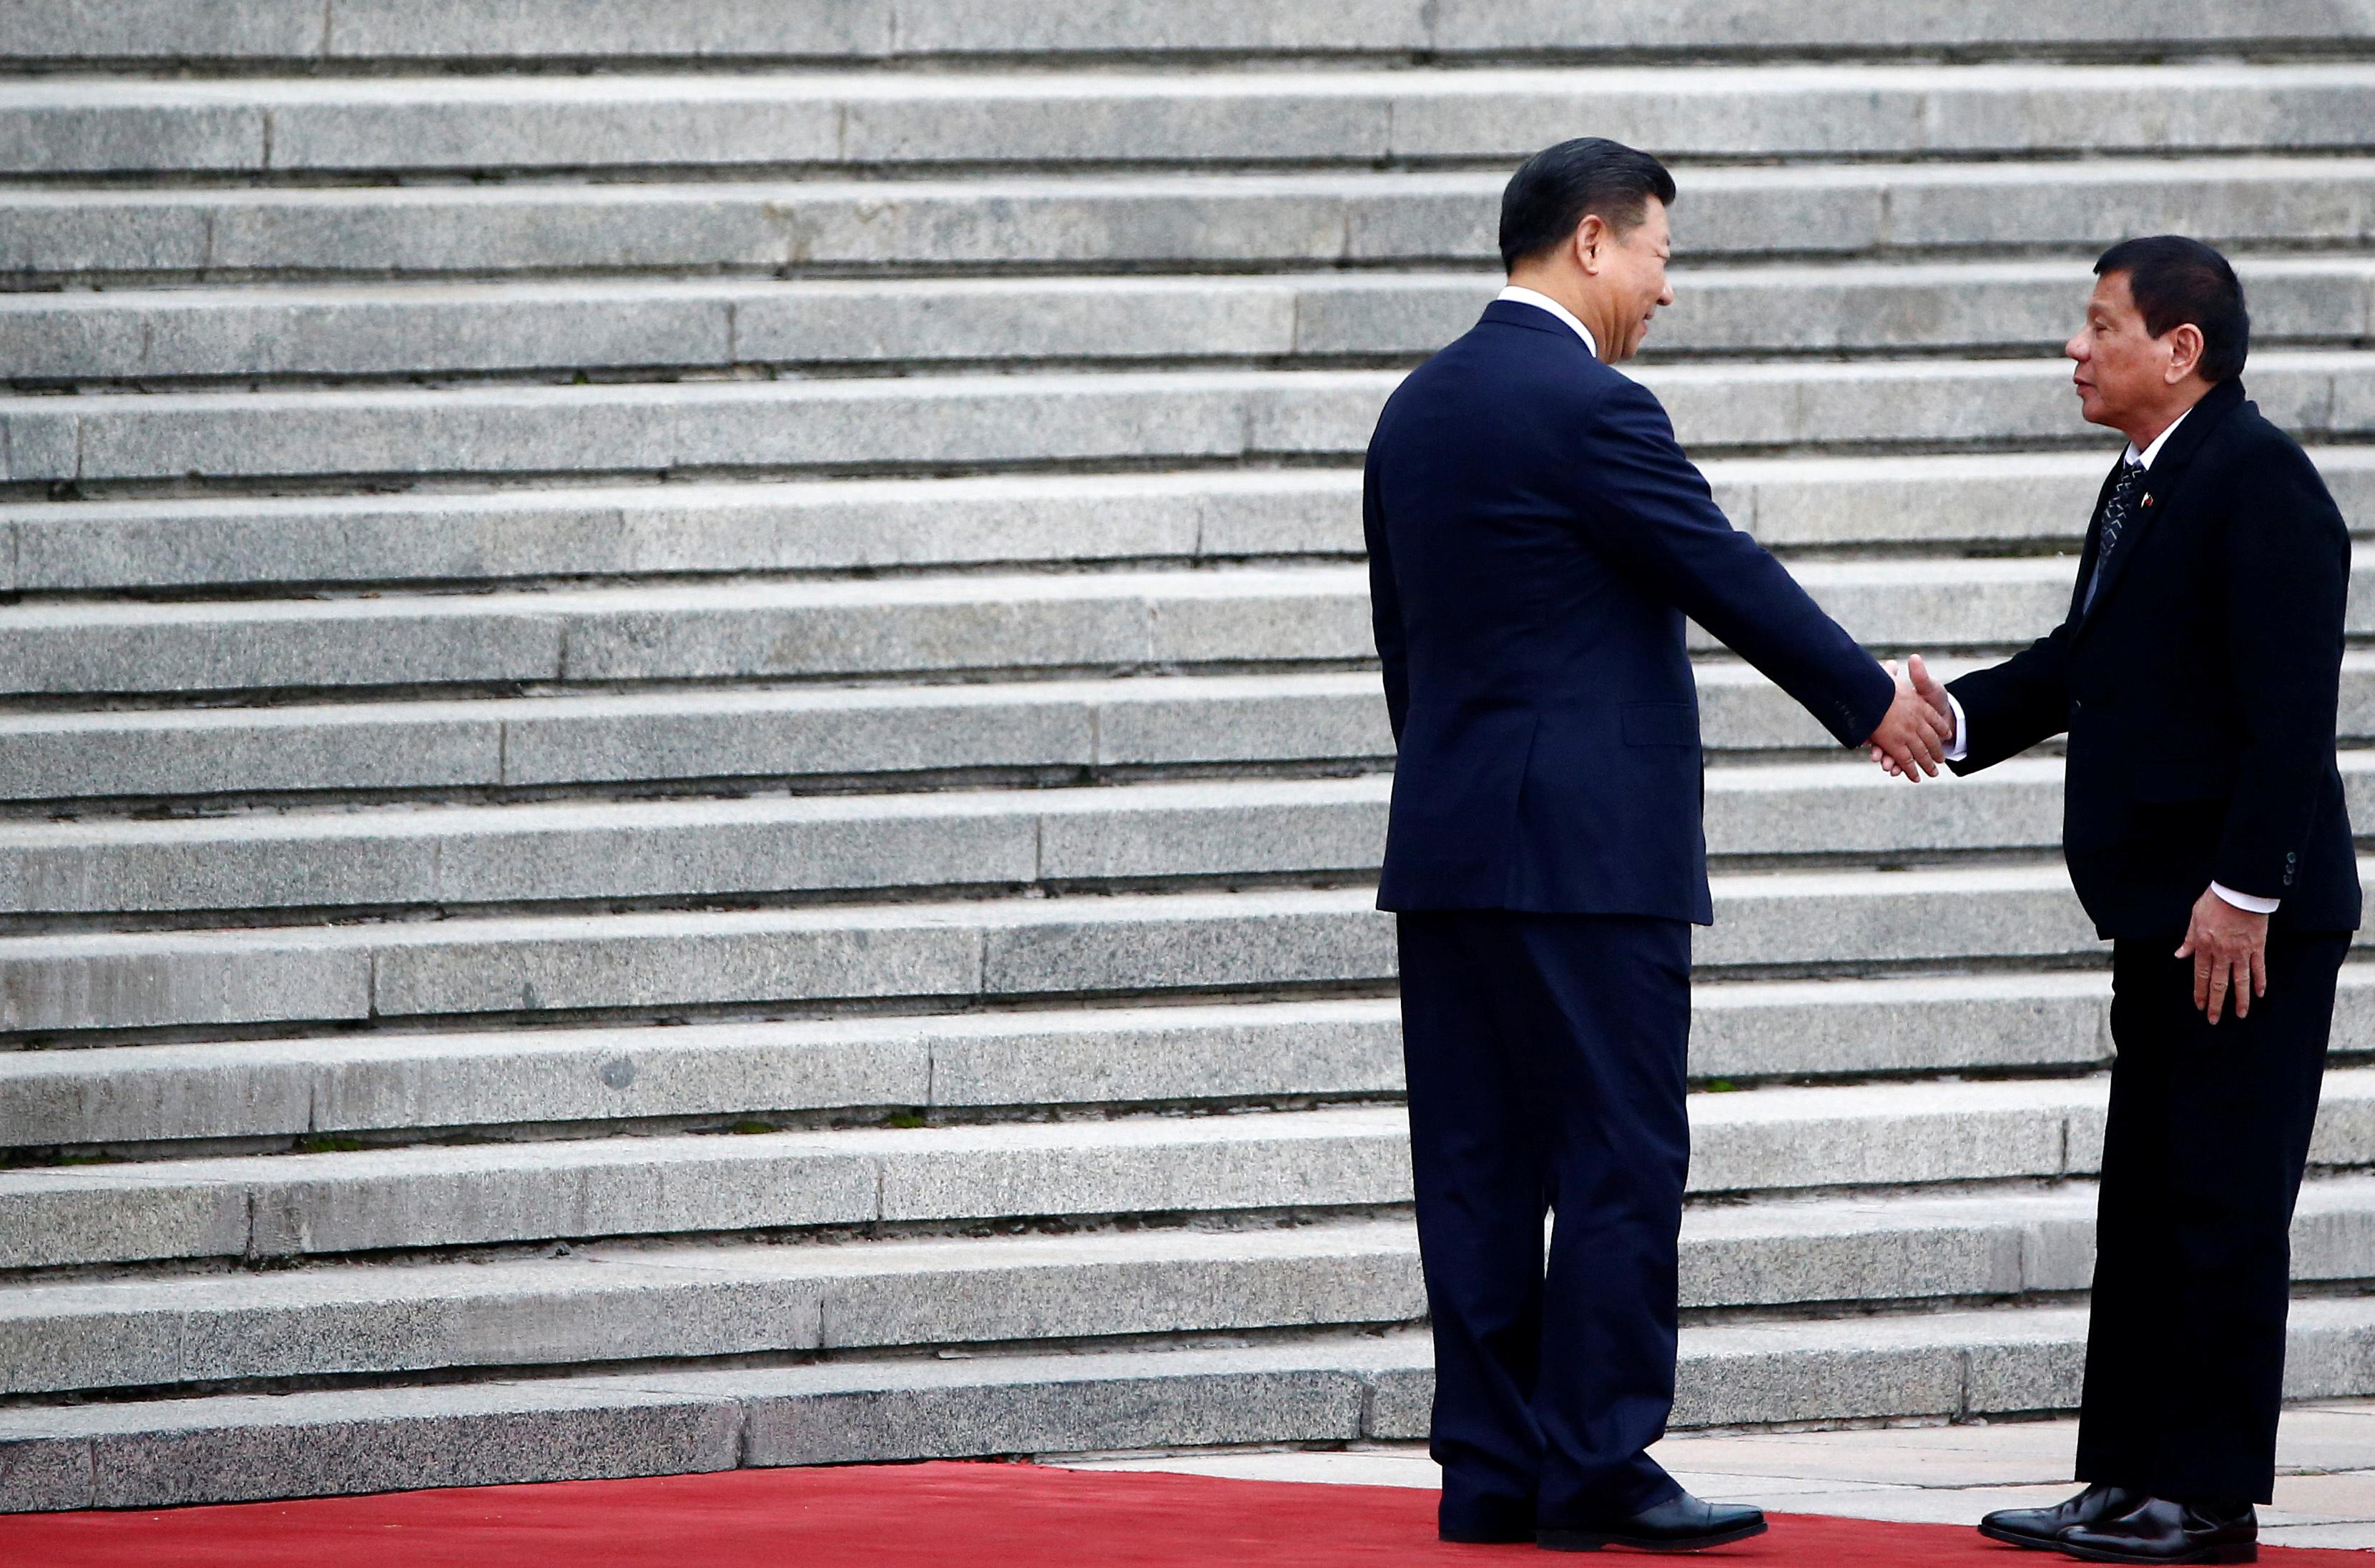 Philippines President Rodrigo Duterte and Chinese President Xi Jinping shake hands in Beijing.